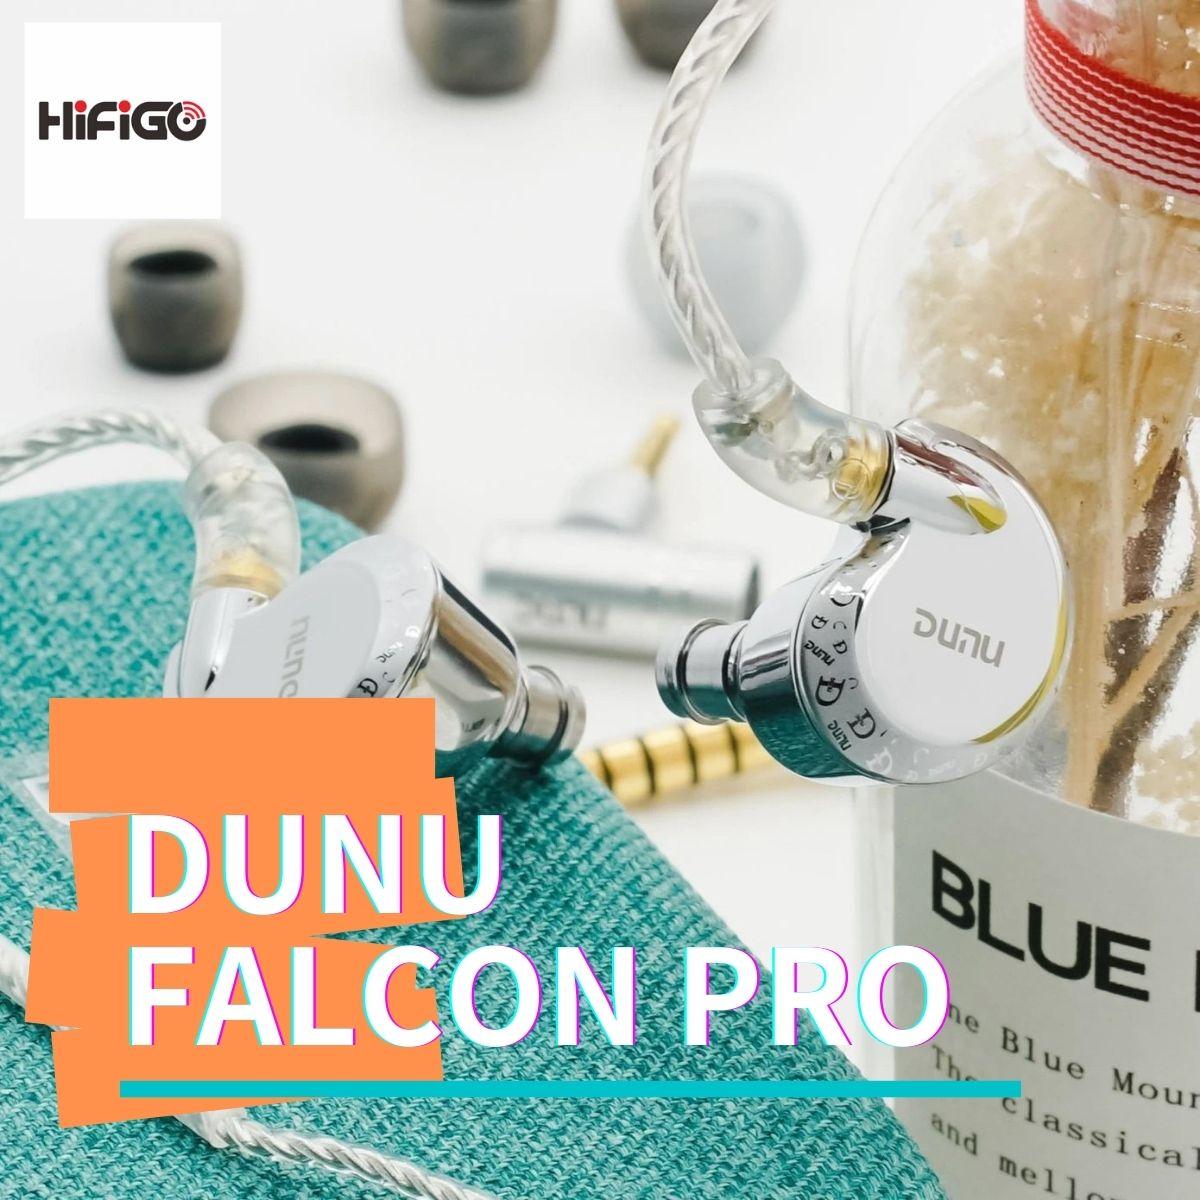 DUNU Falcon Pro